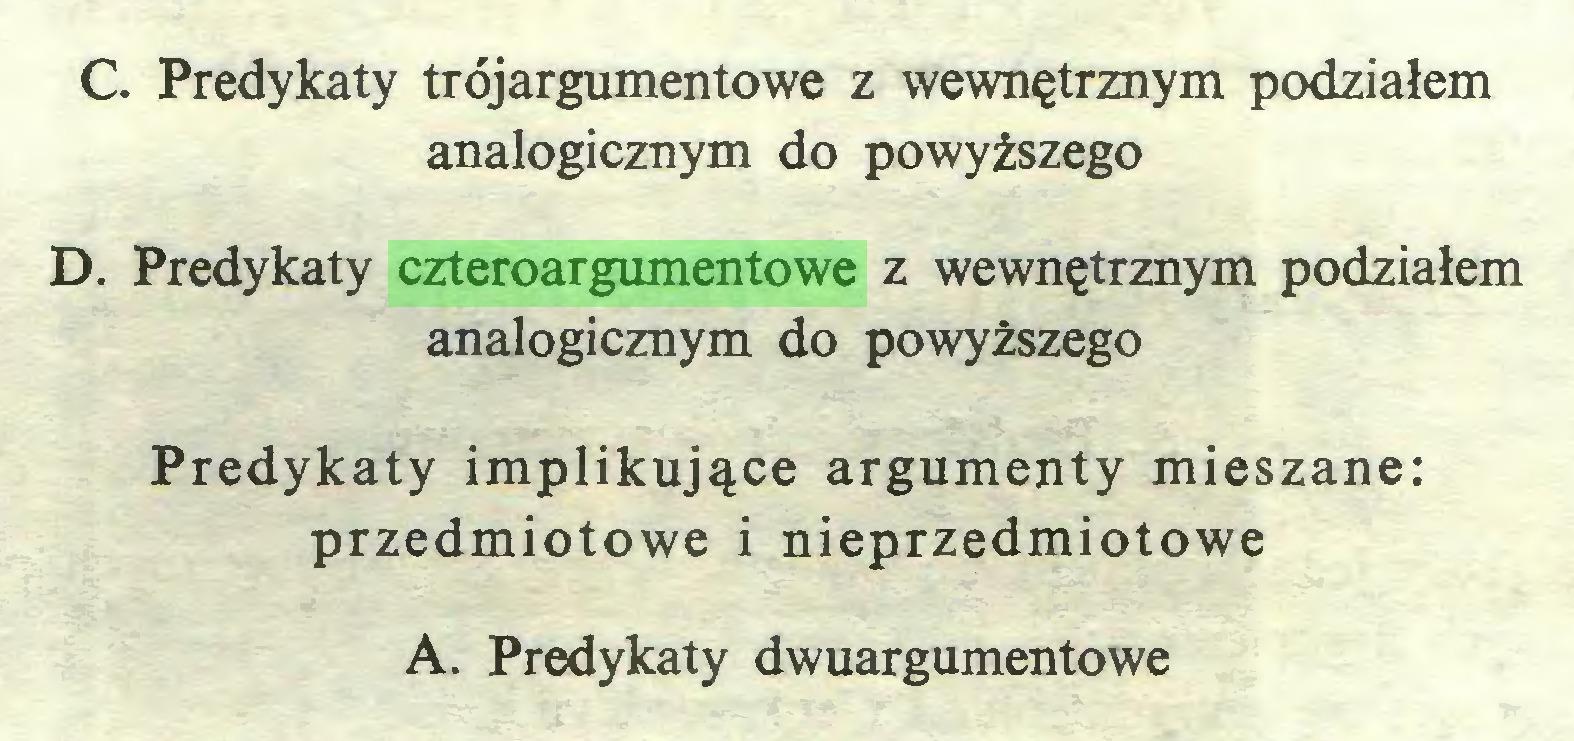 (...) C. Predykaty trójargumentowe z wewnętrznym podziałem analogicznym do powyższego D. Predykaty czteroargumentowe z wewnętrznym podziałem analogicznym do powyższego Predykaty implikujące argumenty mieszane: przedmiotowe i nieprzedmiotowe A. Predykaty dwuargumentowe...